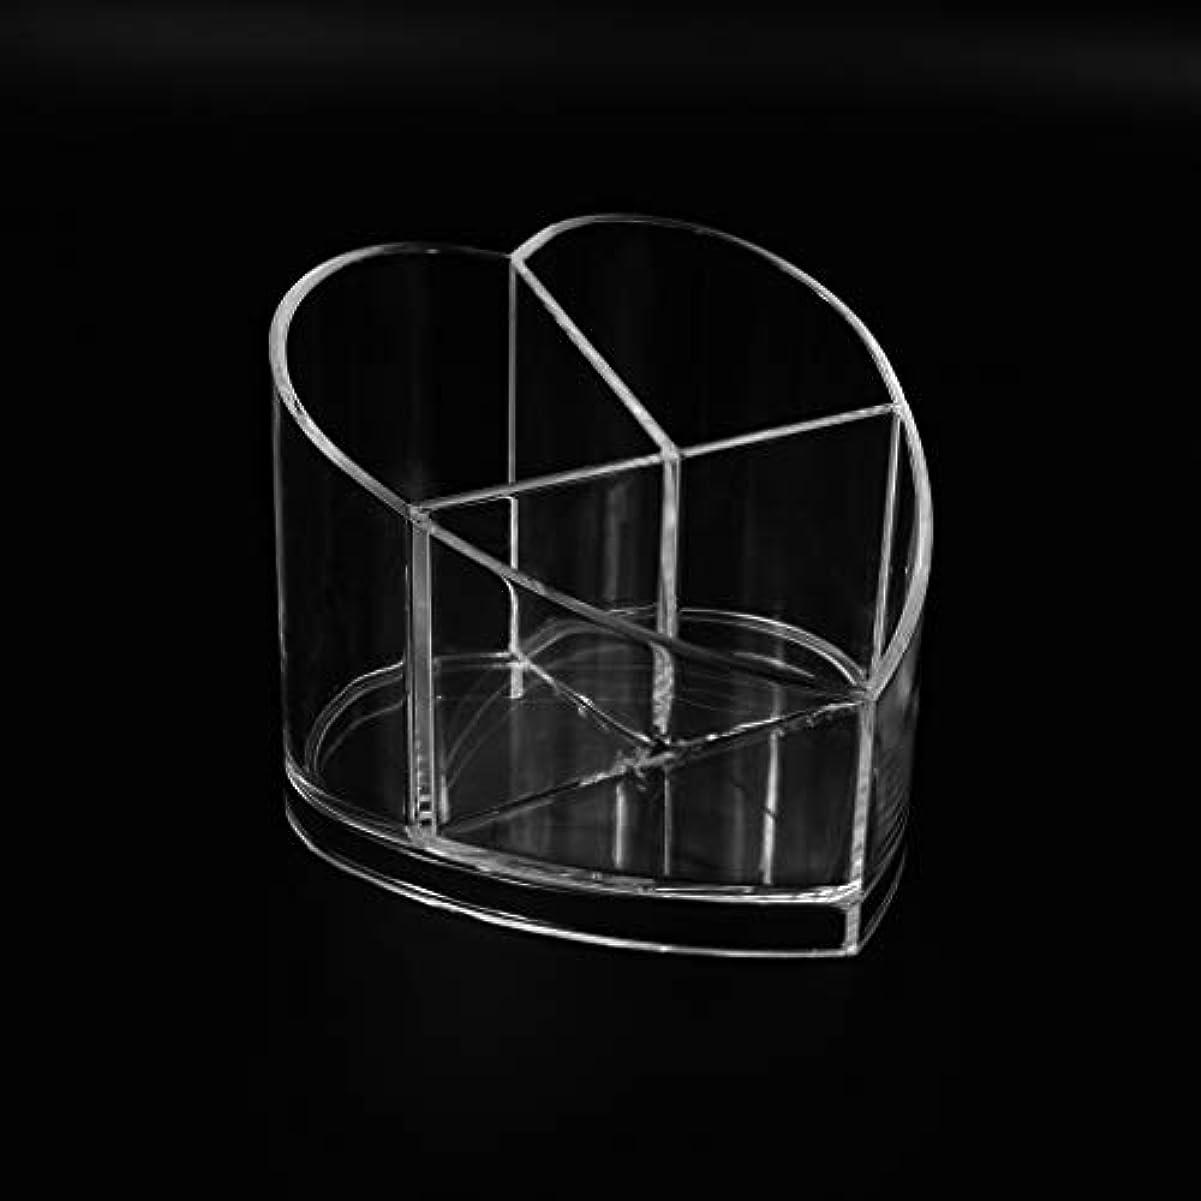 退院粘着性パラメータRiLiKu 卓上収納ケース アクリル メイクブラシホルダー コスメ収納 透明 卓上ペン立て 文房 具 口紅 化粧ブラシ ネイルカラー 収納ケース